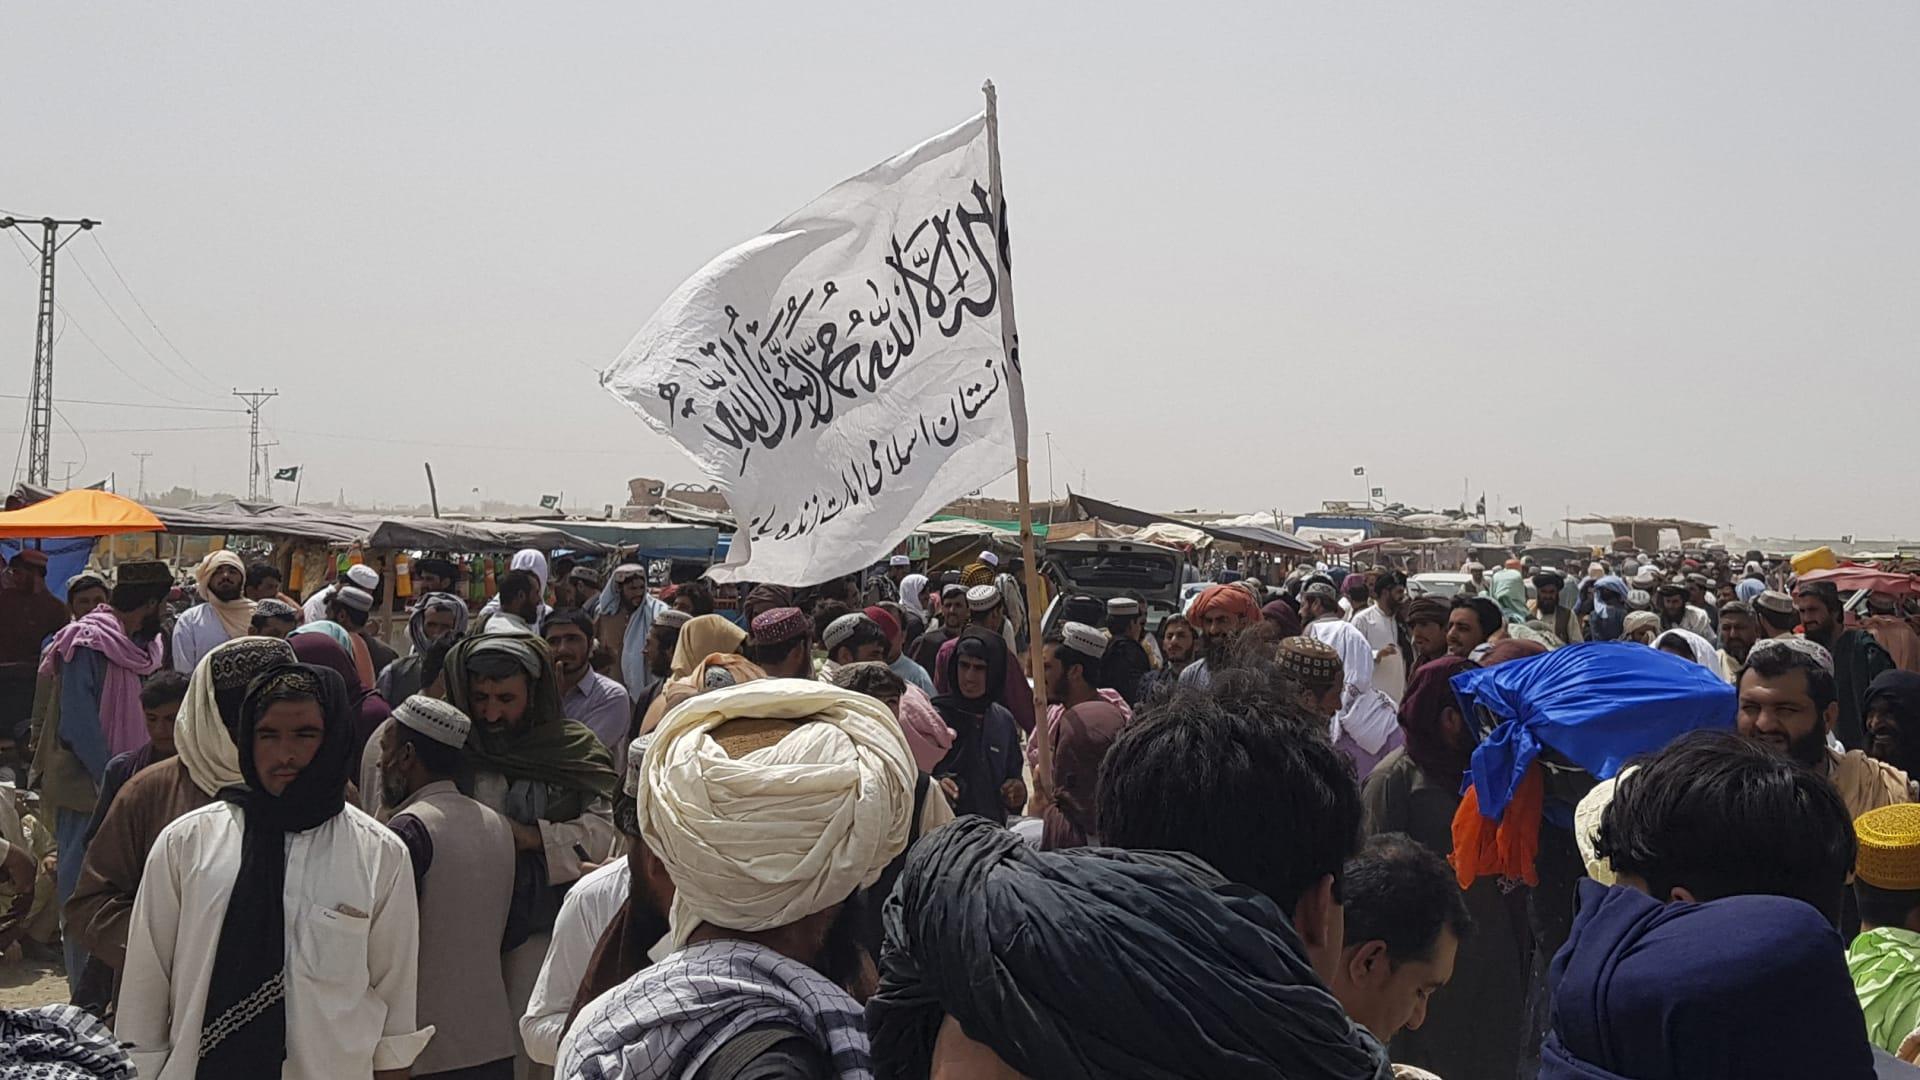 من تكون حركة طالبان في عام 2021؟ وكيف عادت إلى السلطة مجددًا؟